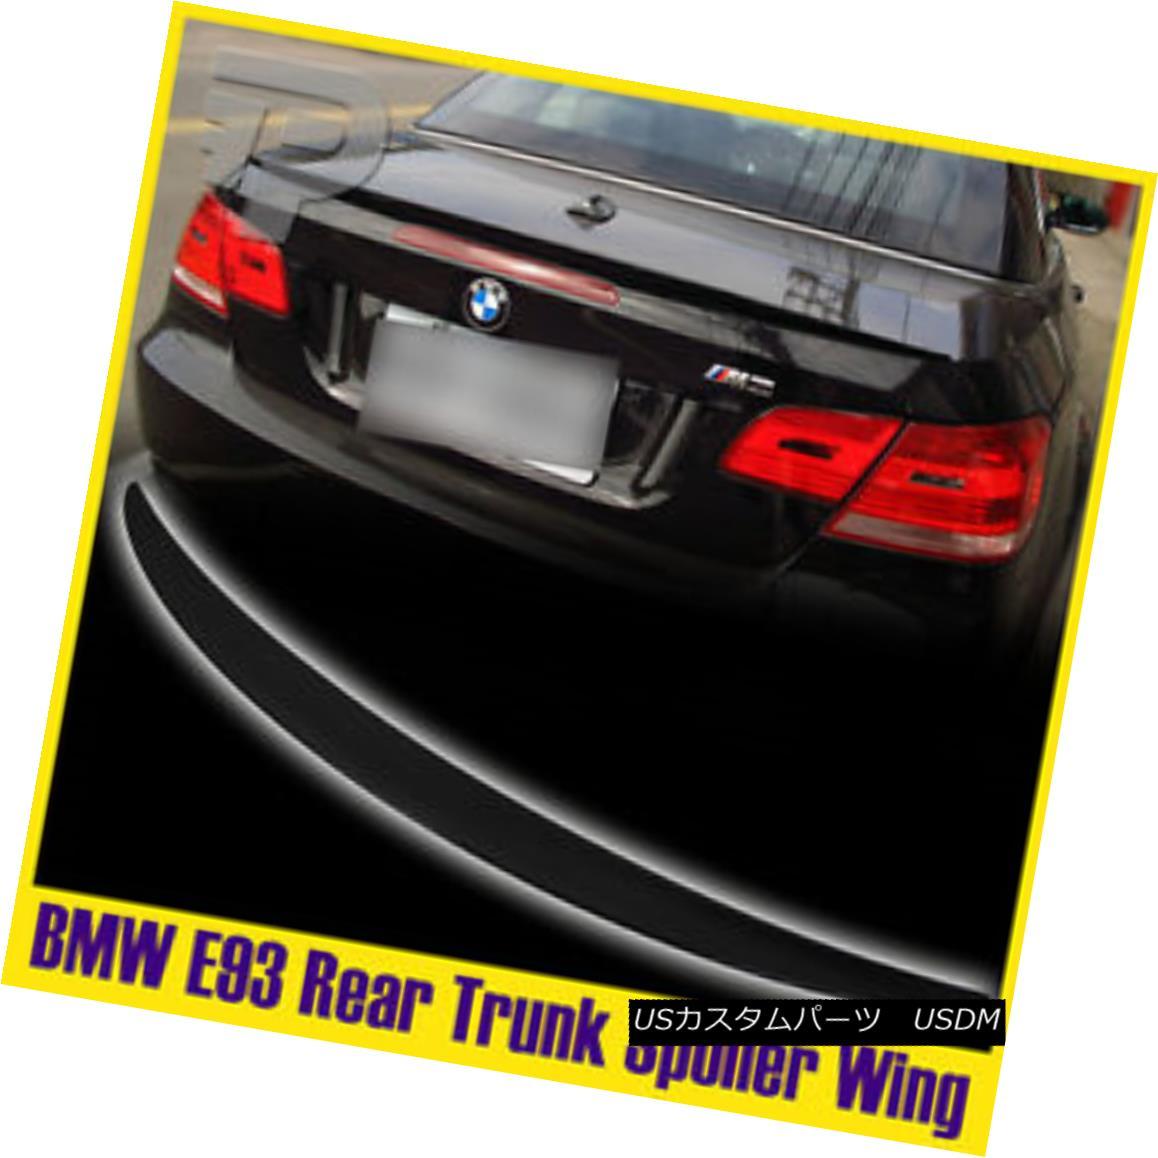 エアロパーツ Painted BMW 3-Series E93 Convertible Rear Trunk Spoiler Wing #475 325i 08-13 塗装済みBMW 3シリーズE93コンバーチブルリアトランク・スポイラー・ウィング#475 325i 08-13